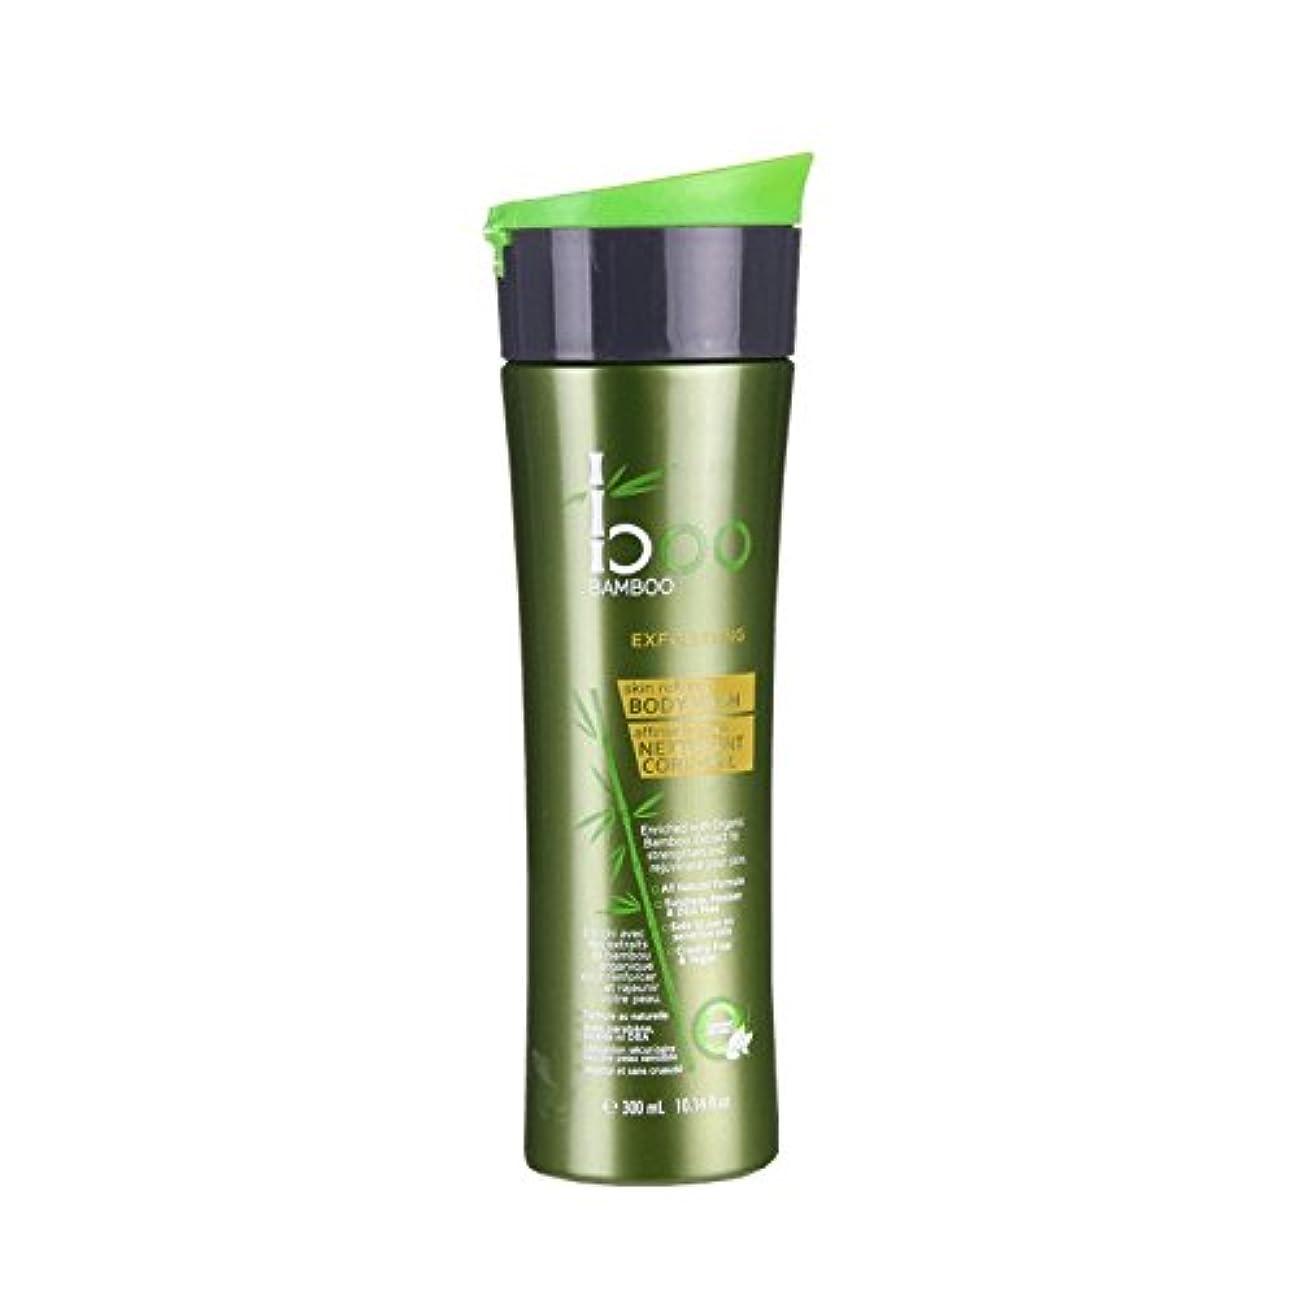 飲食店突然教えBoo Bamboo Exfoliating Body Wash 300ml (Pack of 2) - 竹ピーリングボディウォッシュ300ミリリットルブーイング (x2) [並行輸入品]